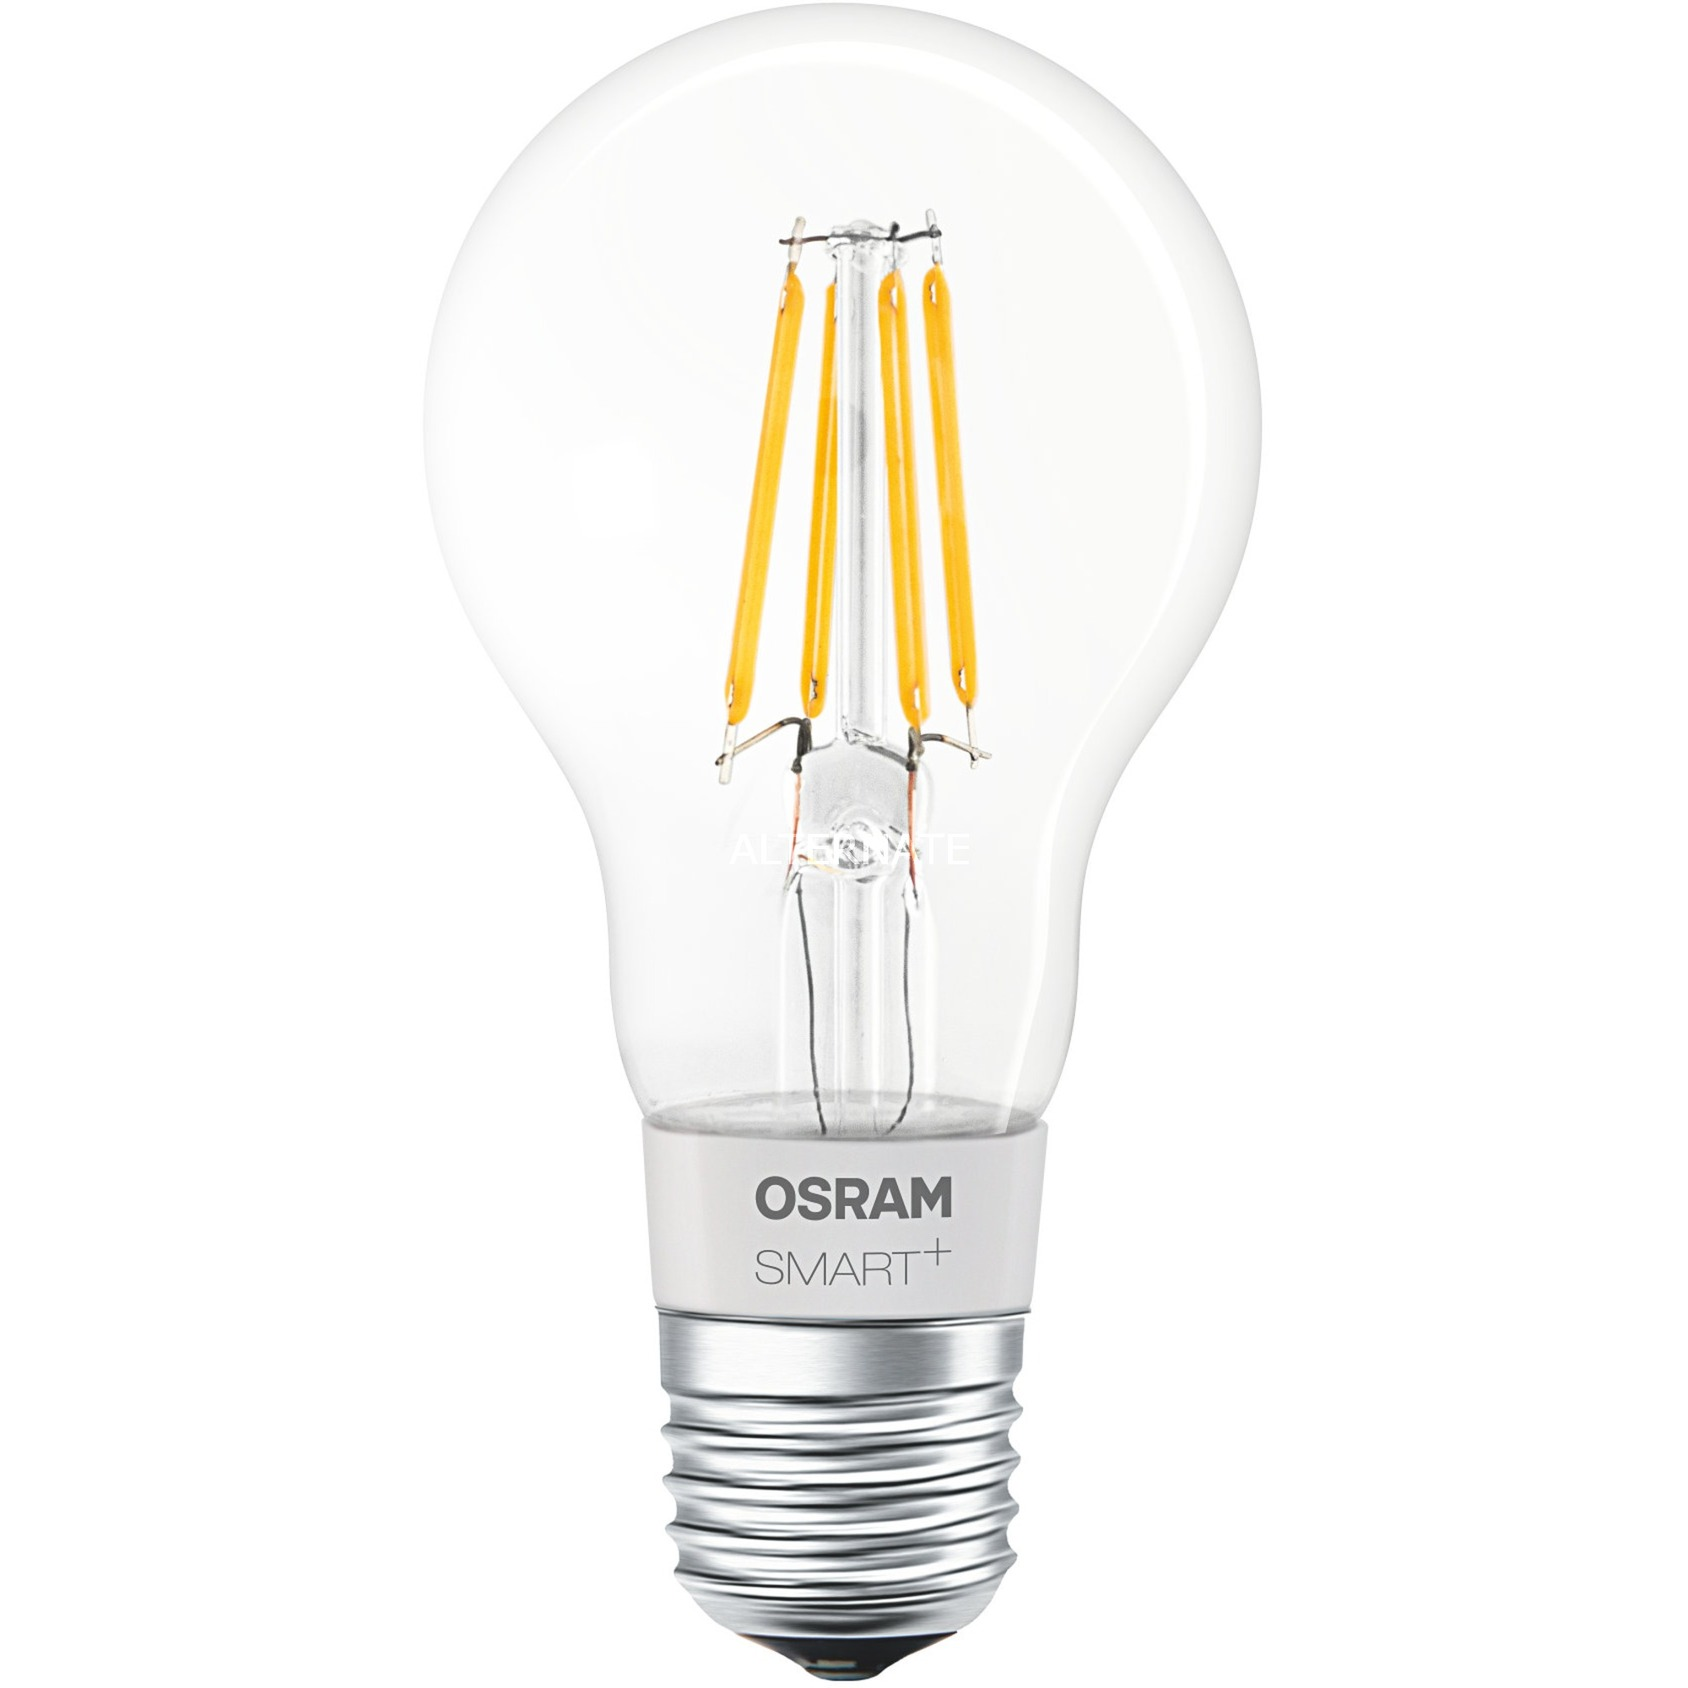 SMART+ Filament Classic 5.5W E27 A+ Blanco cálido lámpara LED